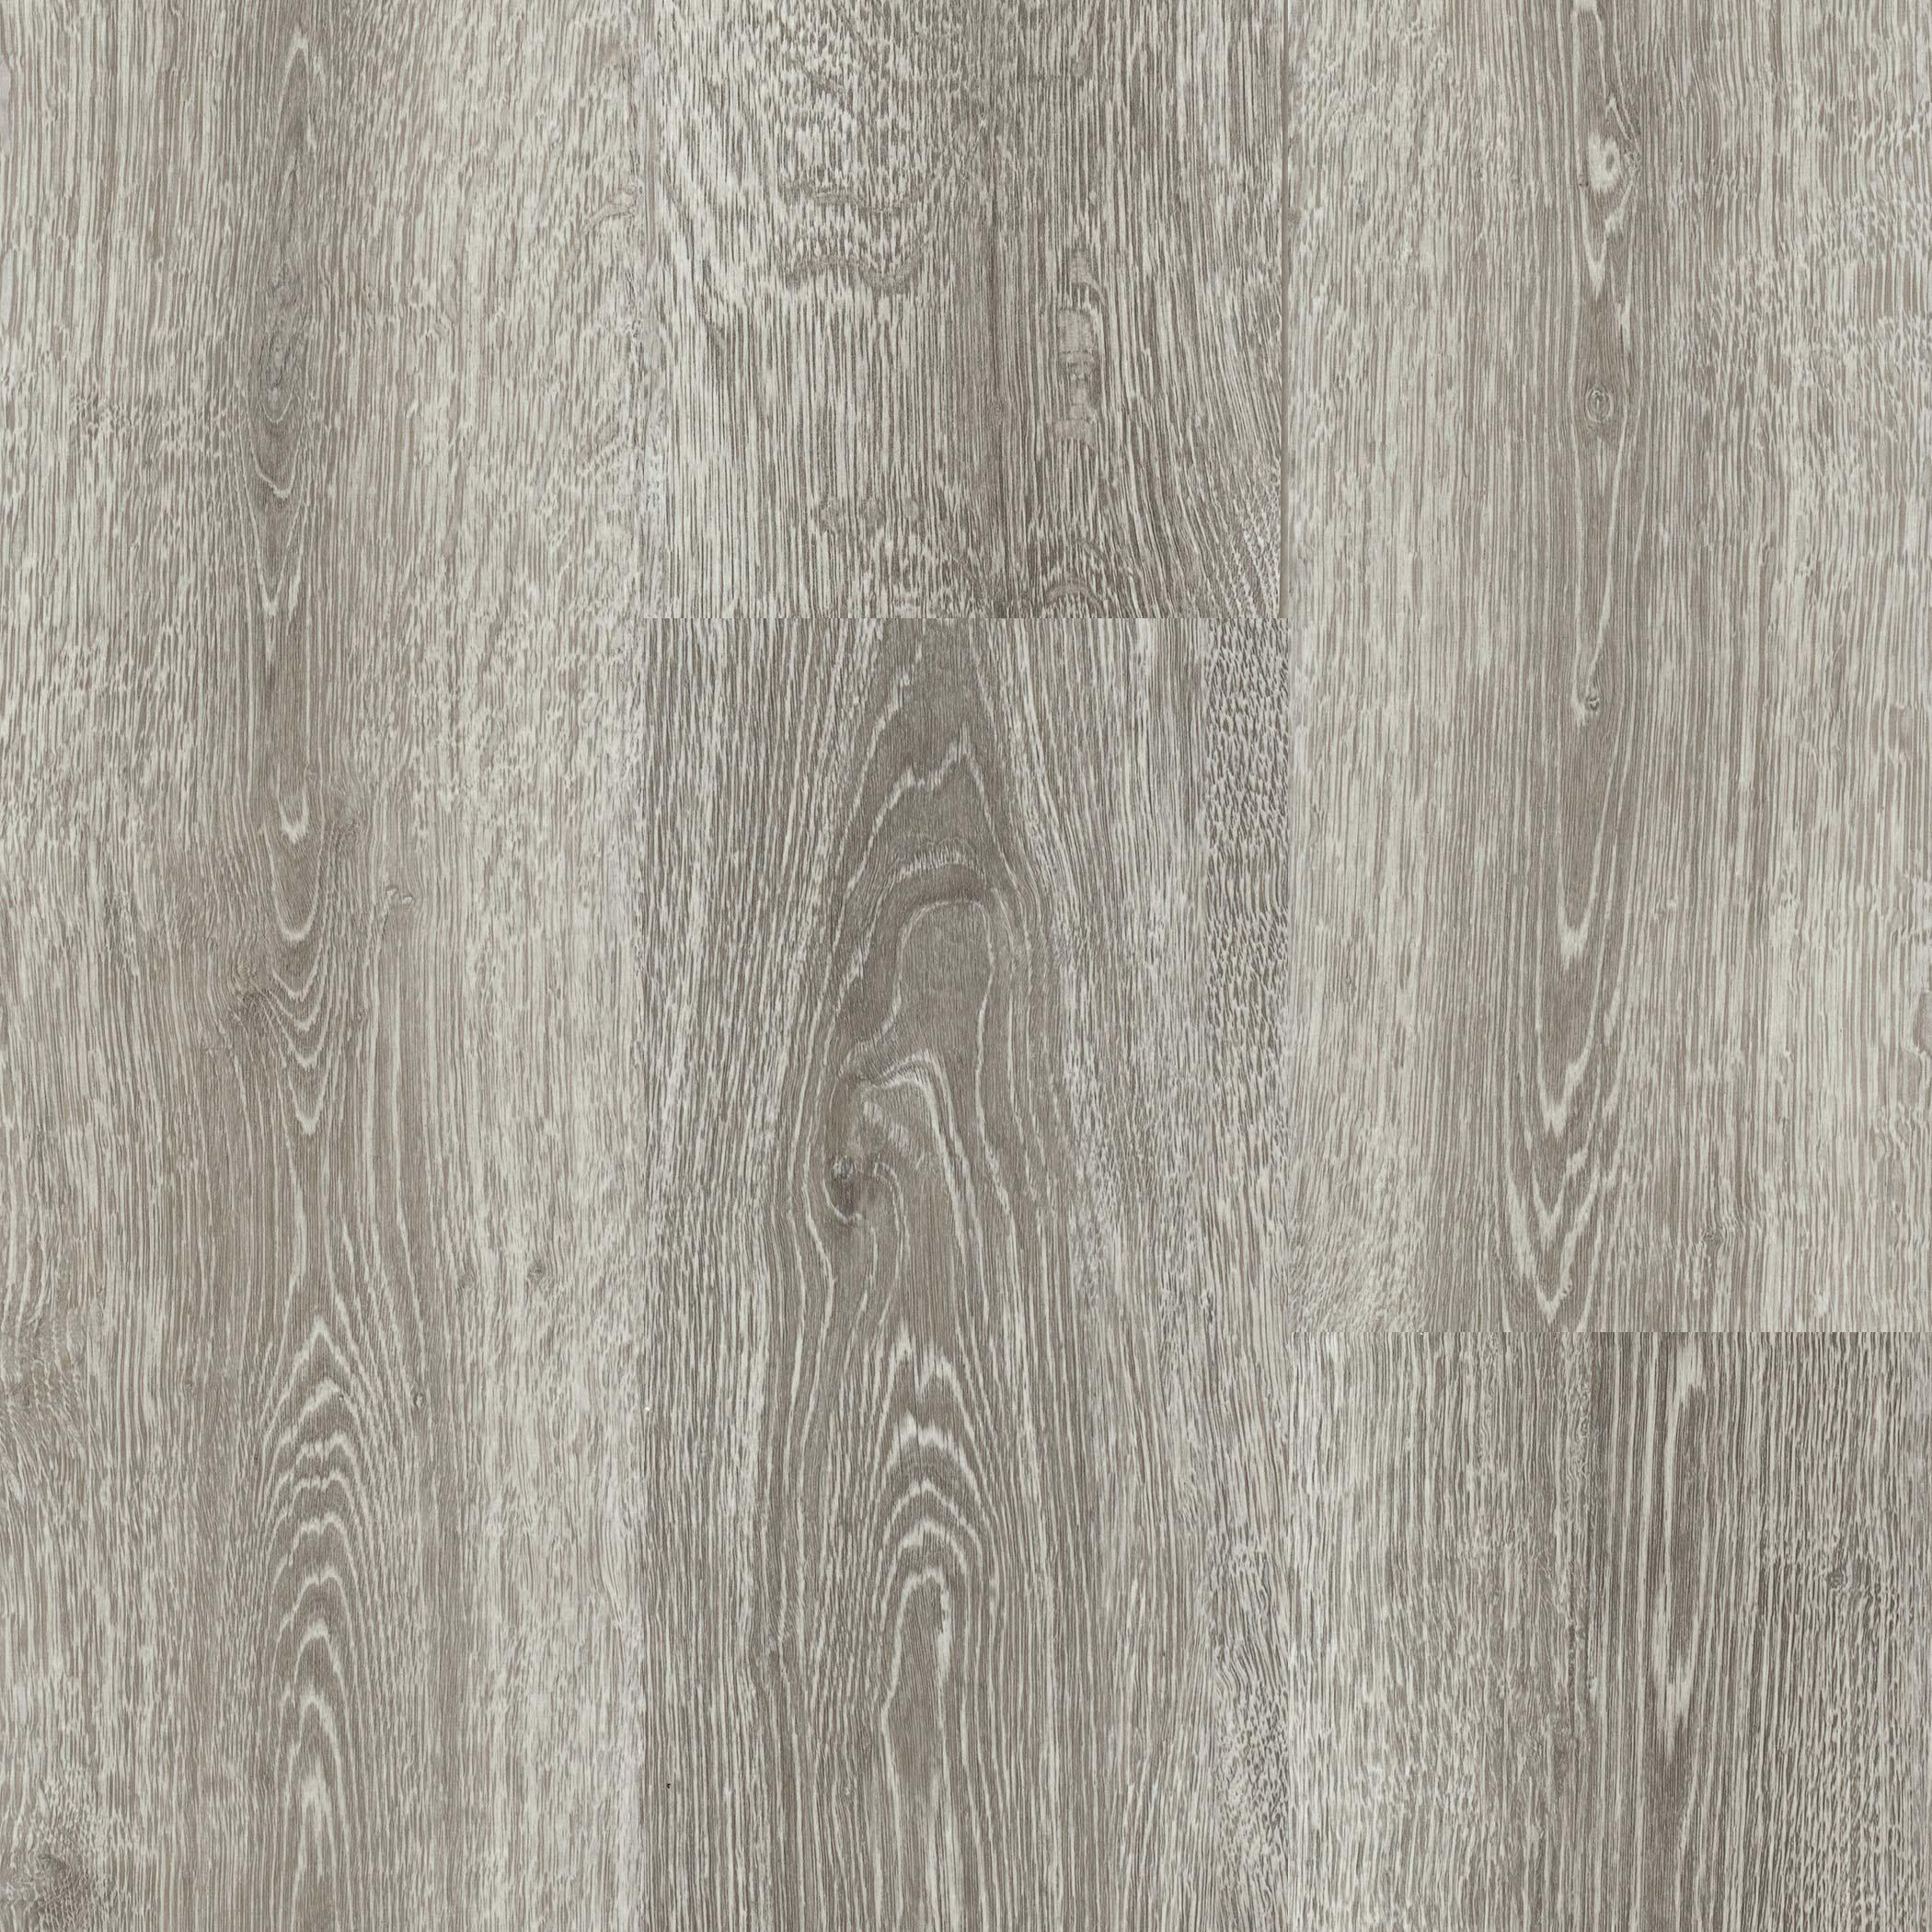 Wise Buys Rigid Core Ashton Oak Engineered Vinyl Plank With Attached Pad Engineered Vinyl Plank Vinyl Plank Vinyl Plank Flooring